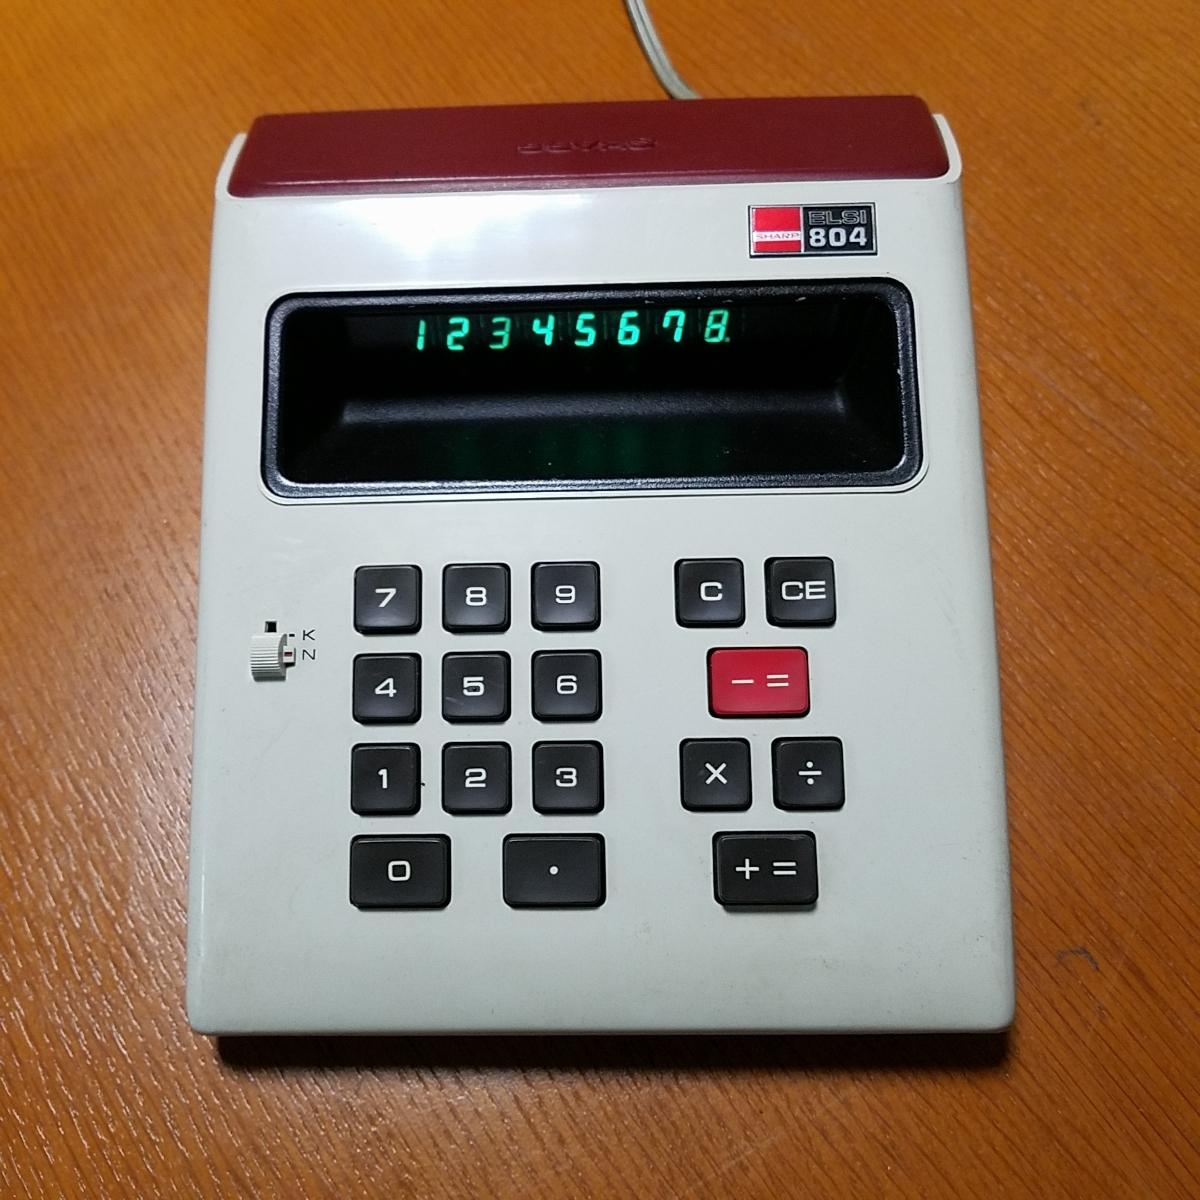 1973年製 希少 昭和レトロ SHARP シャープ EL-804 電光掲示電卓 計算機 日本製